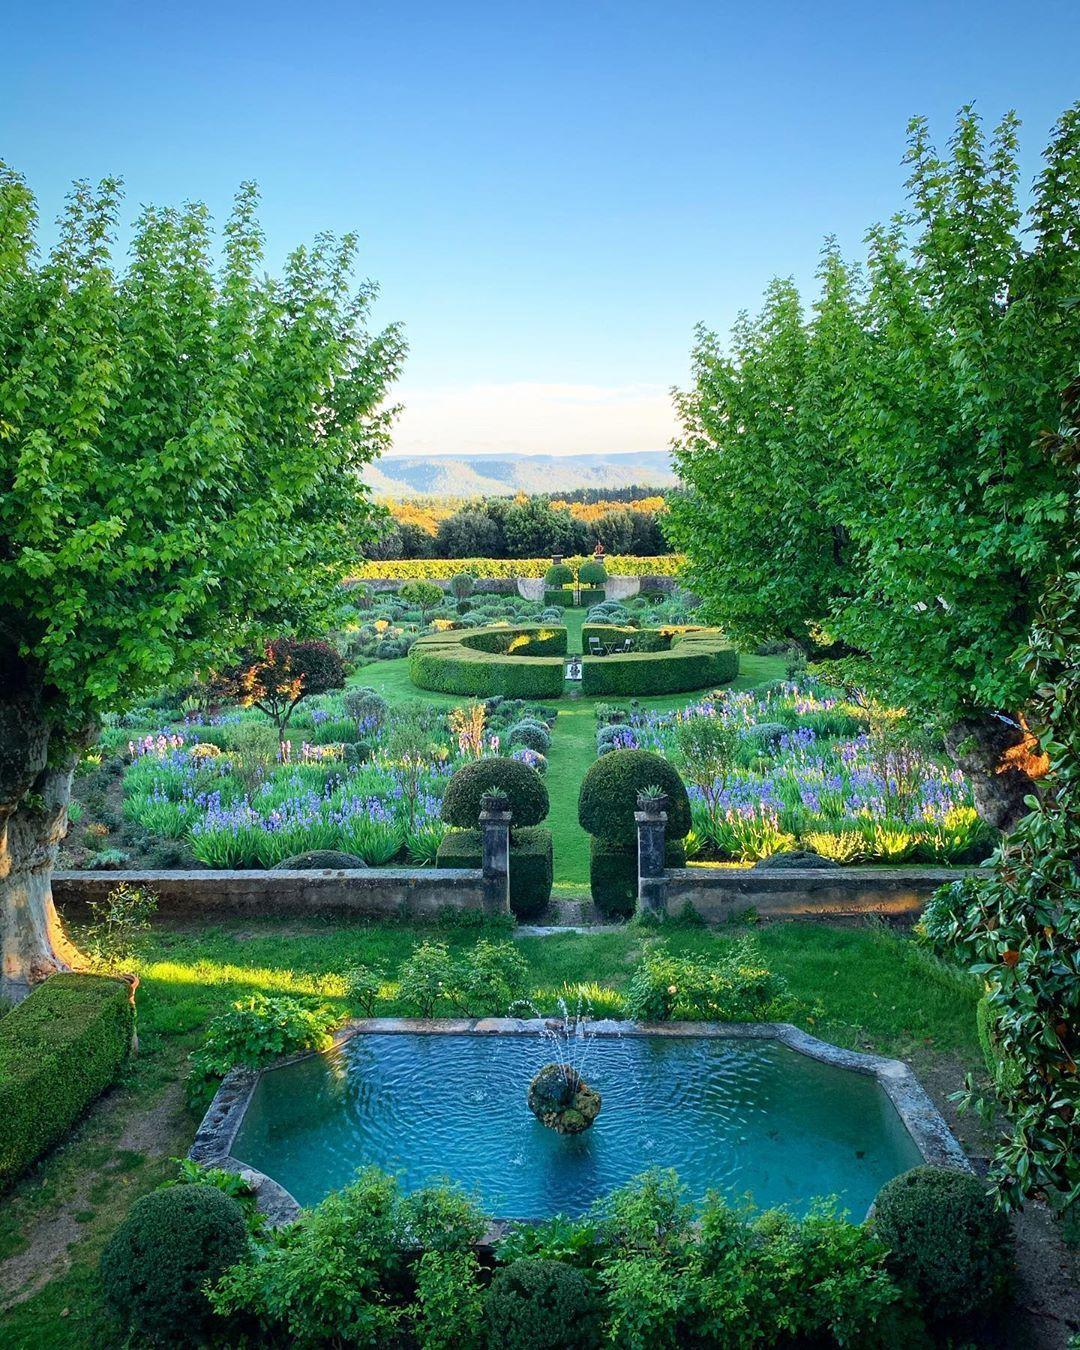 Pin on Garden Inspiration / Design/Whimsy